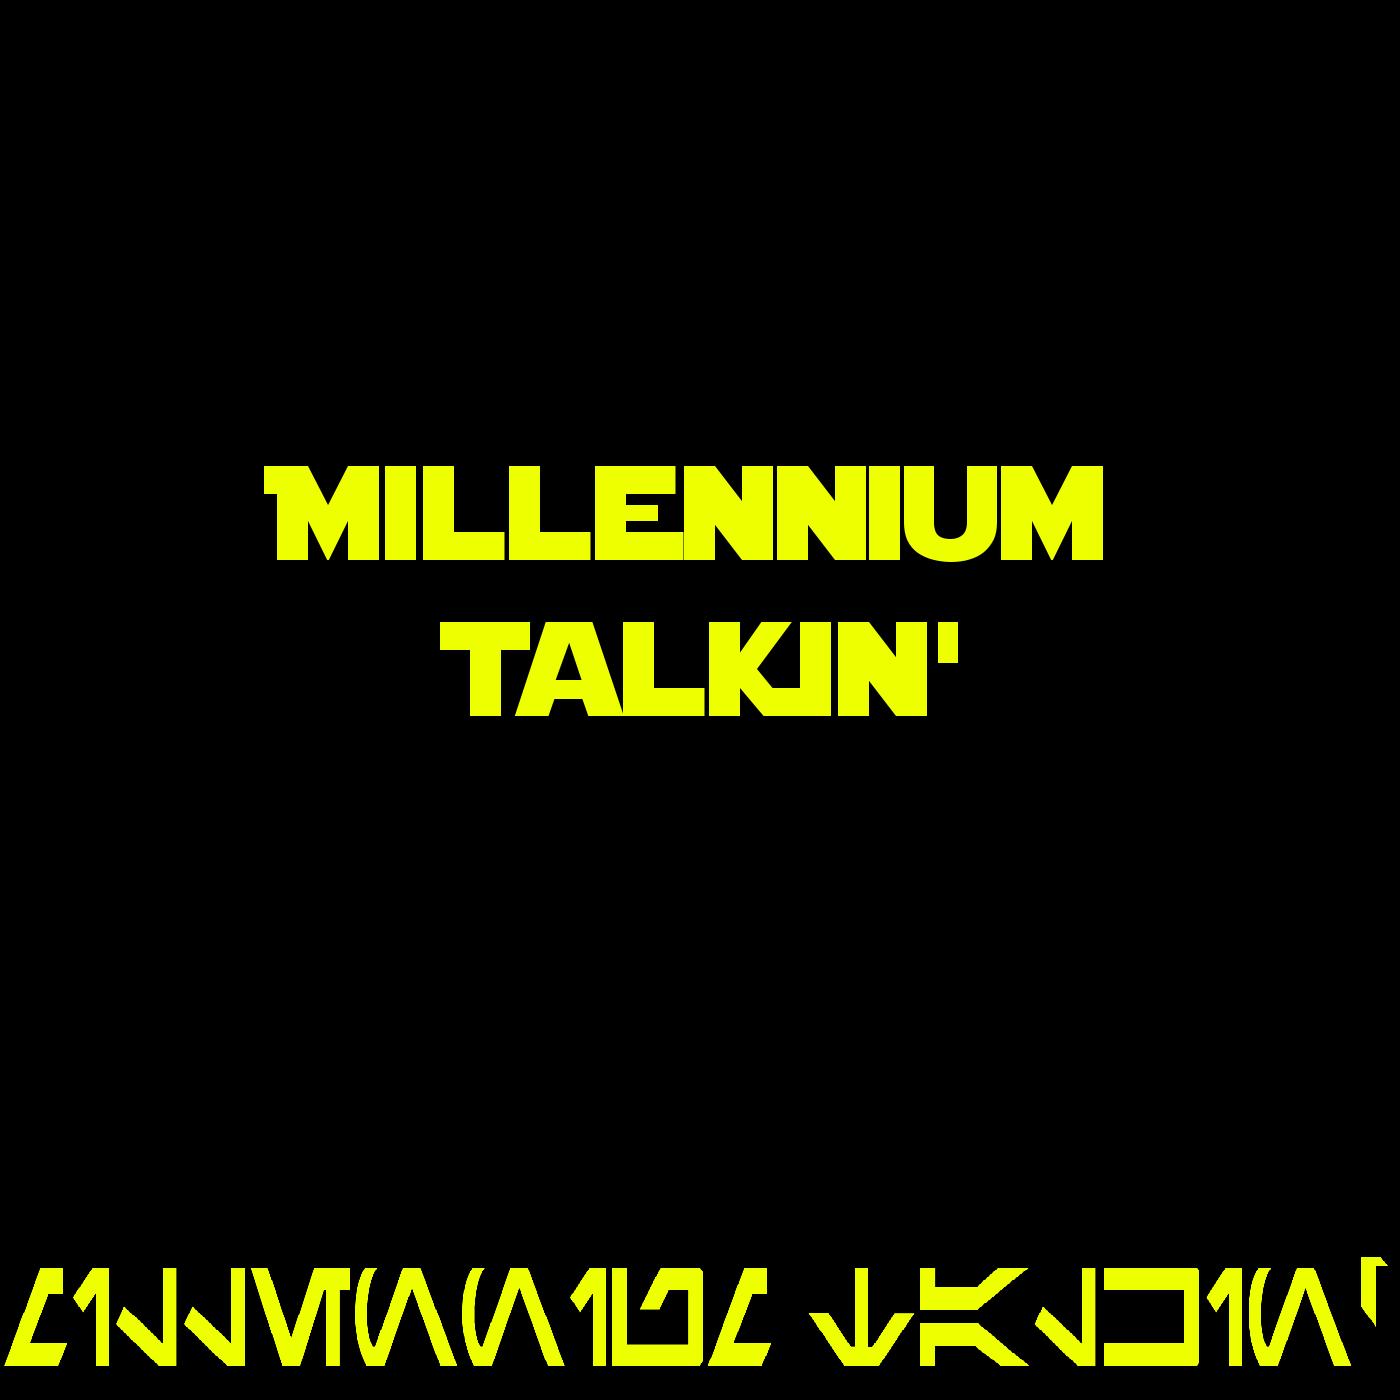 Star Wars Millennium Talkin